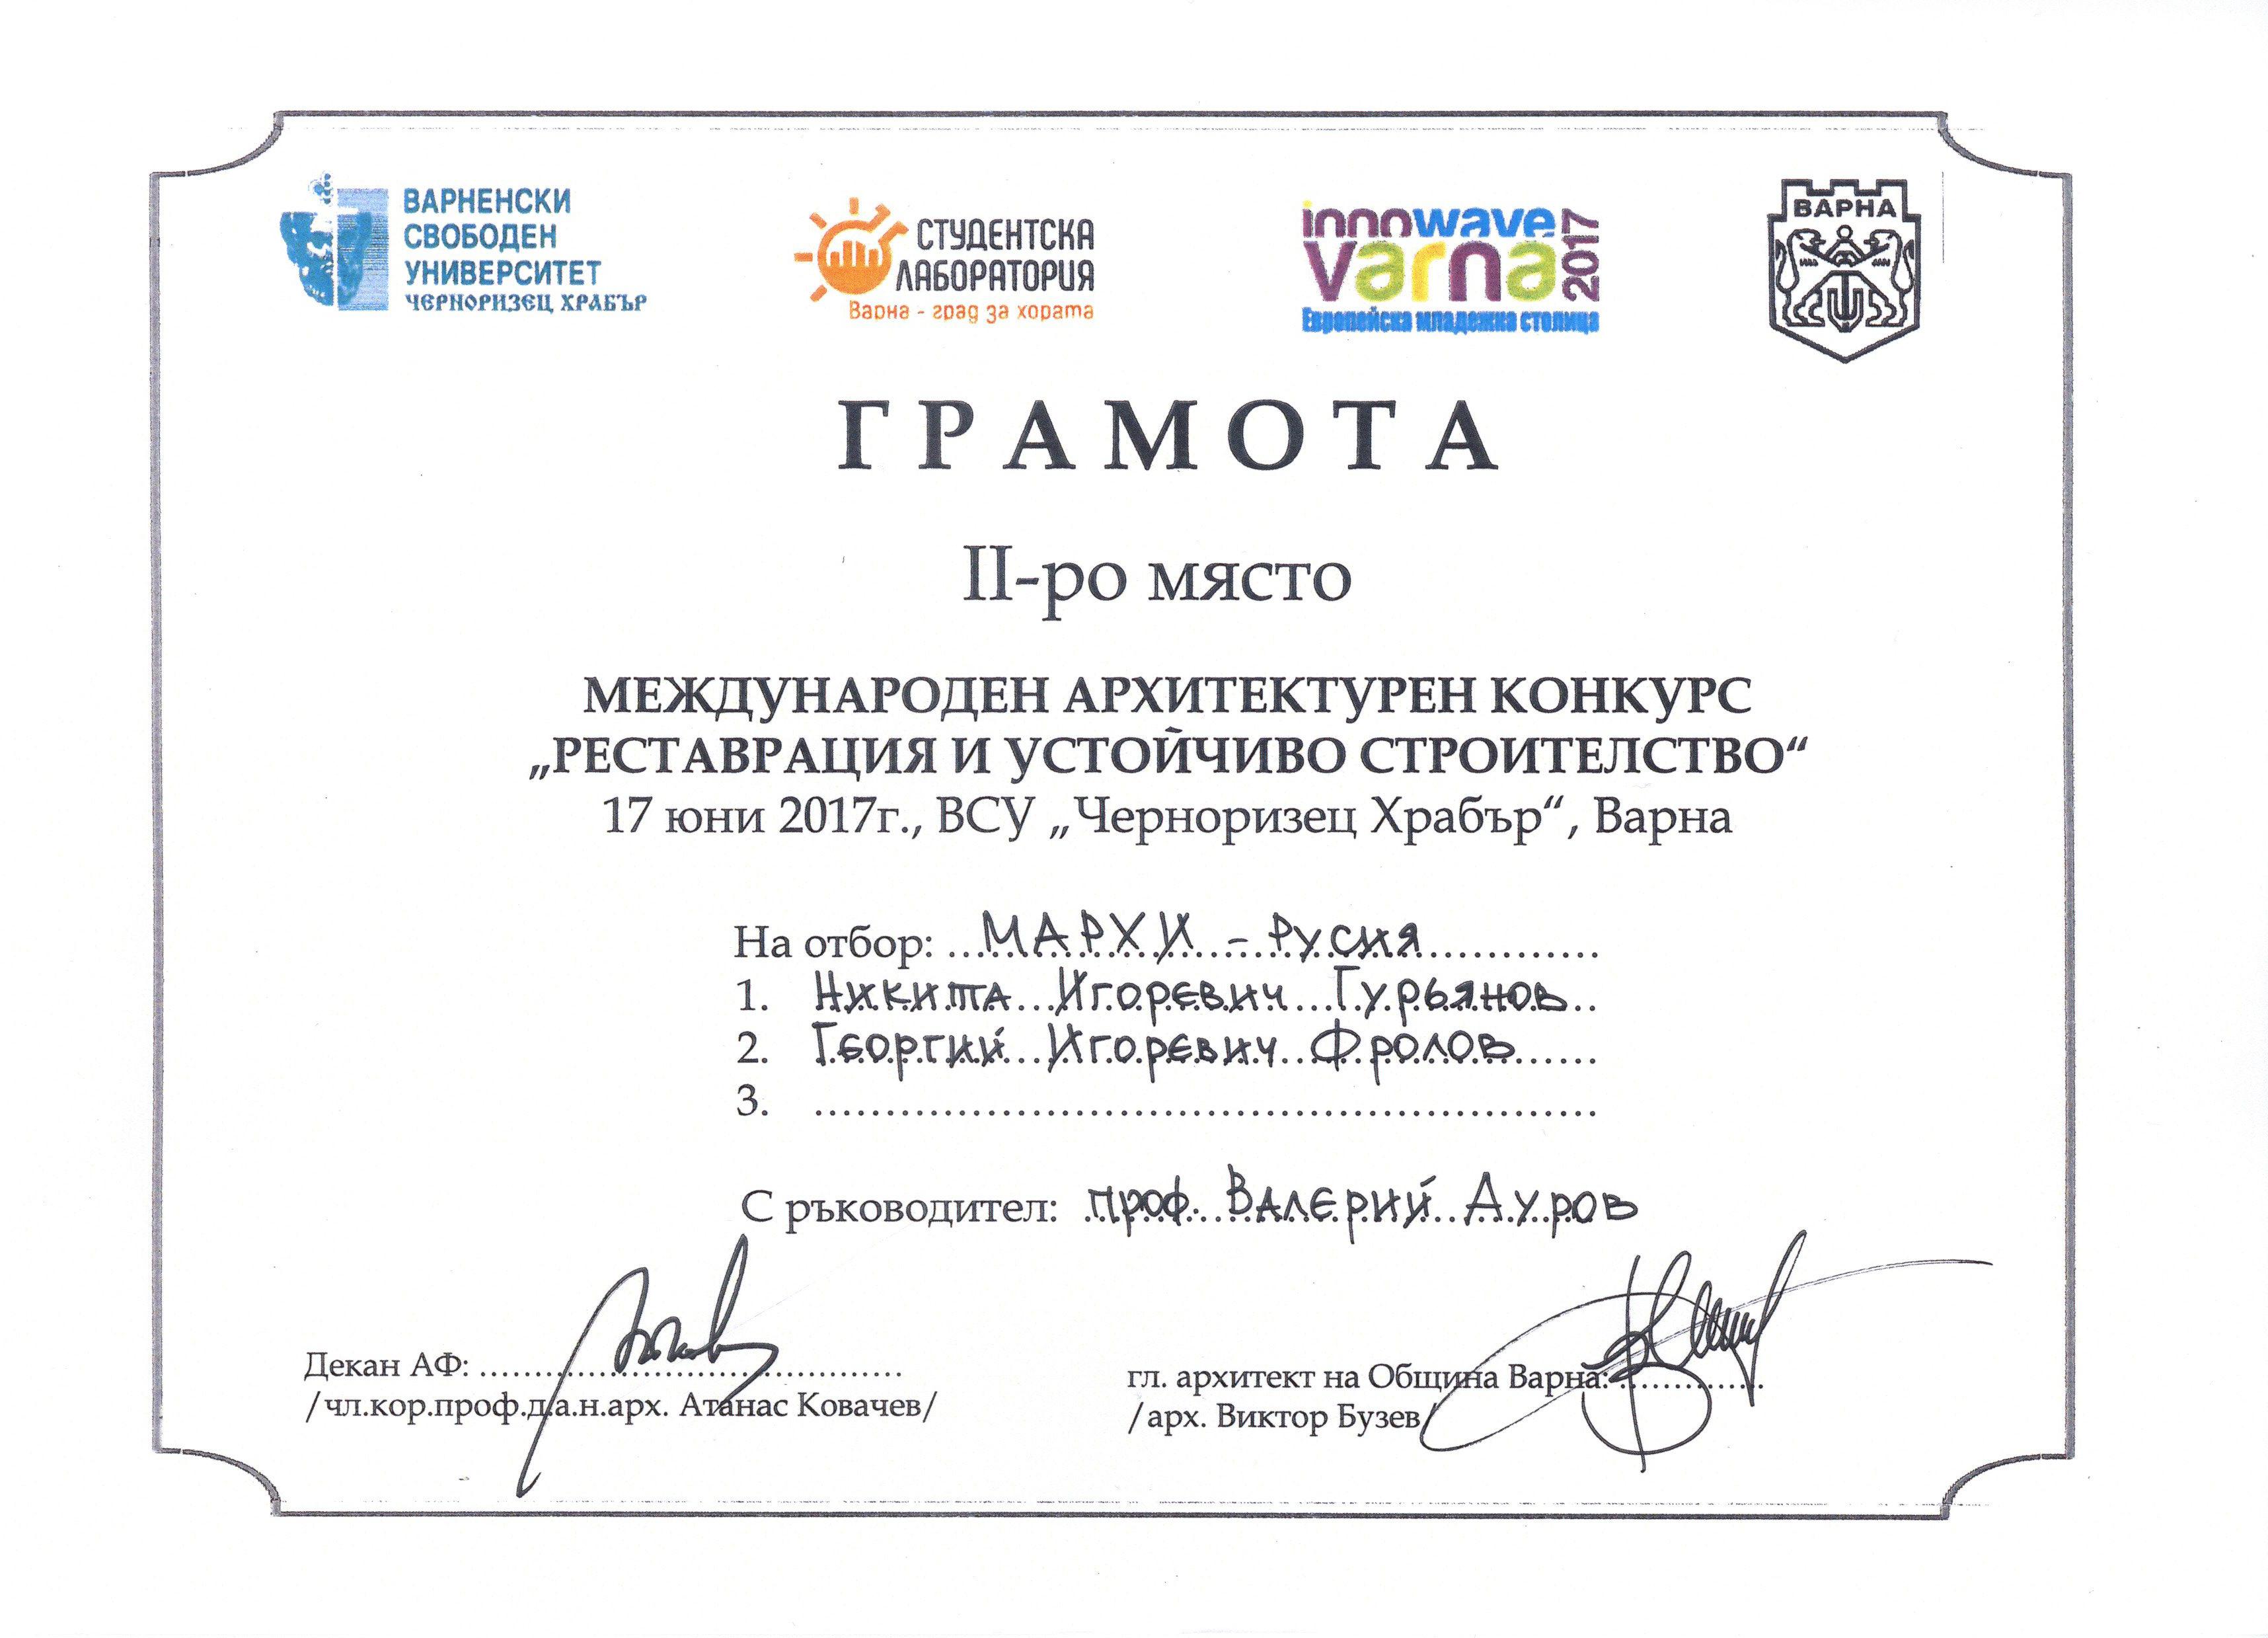 Студенты МАРХИ заняли II место в конкурсе «Реставрация и устойчивое строительство» в г. Варне